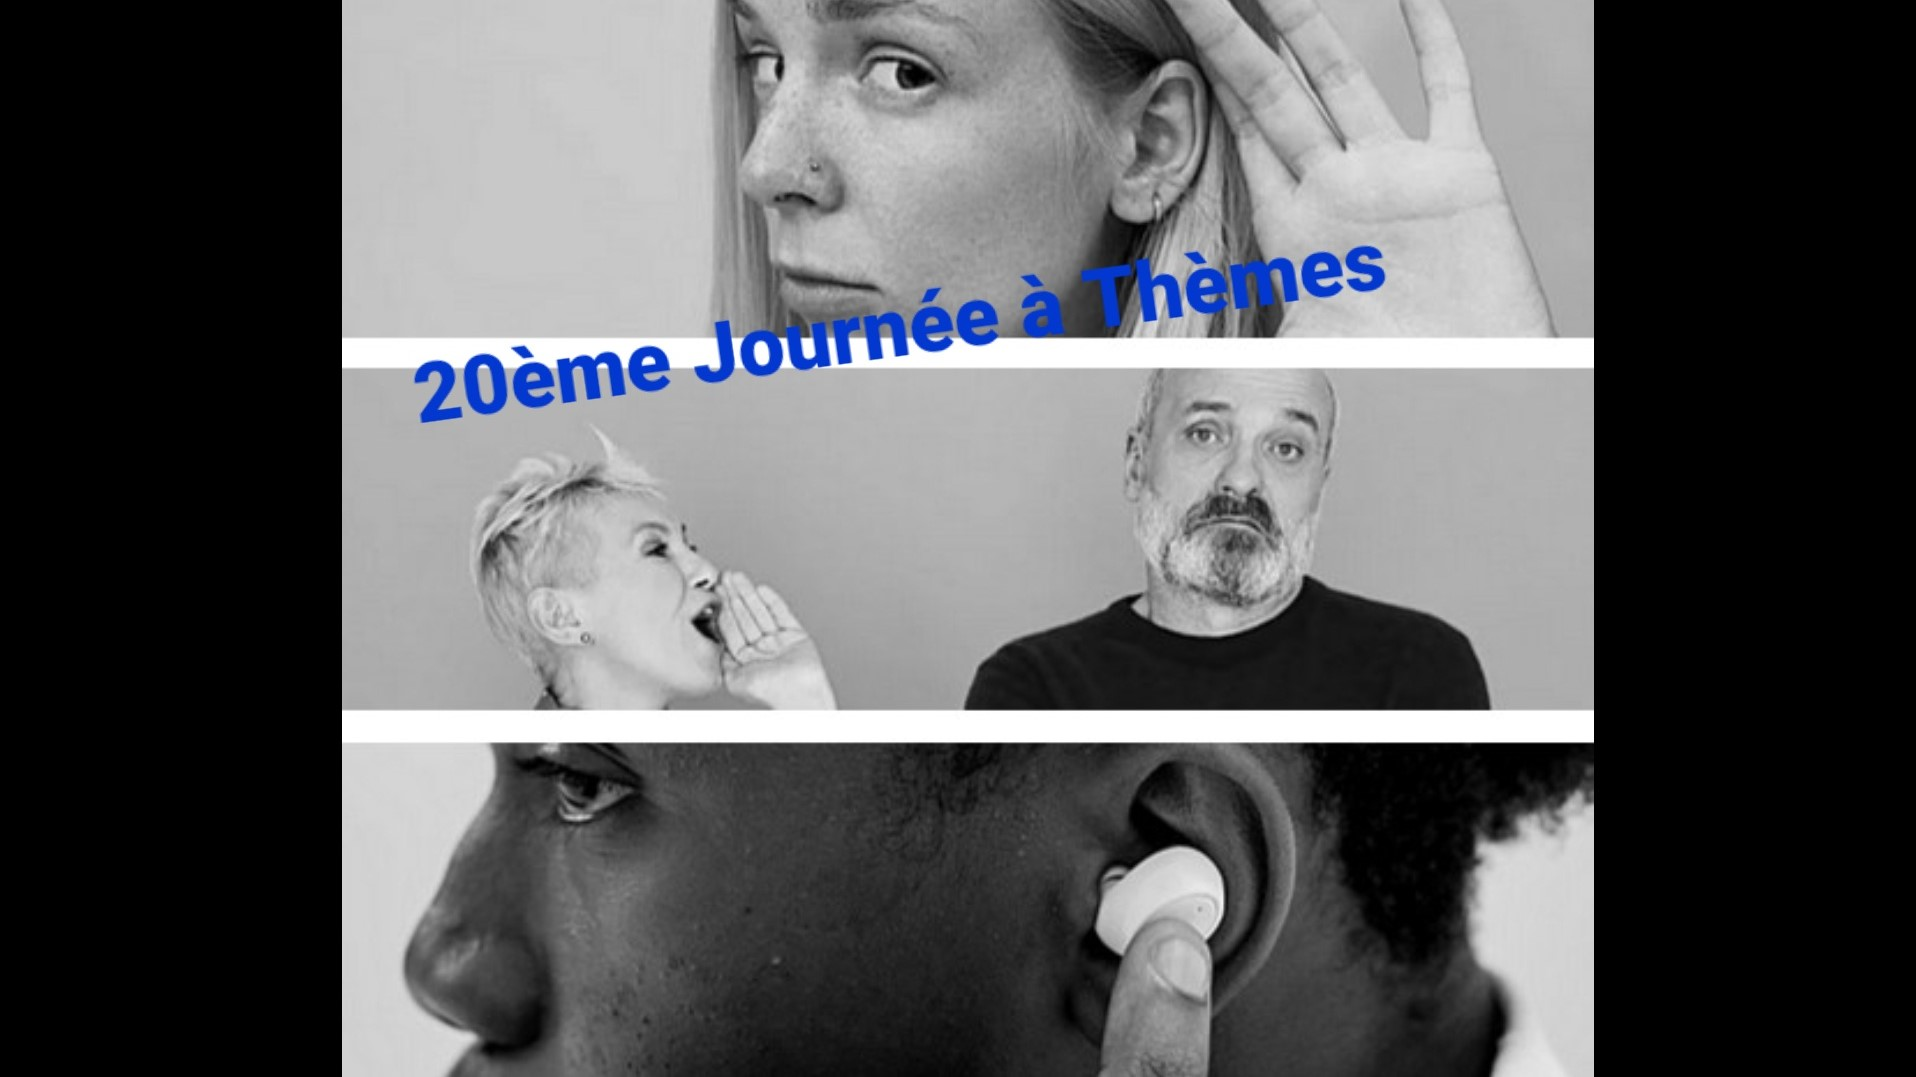 Les rediffusions de la 20ème Journée à Thèmes sont enfin en ligne